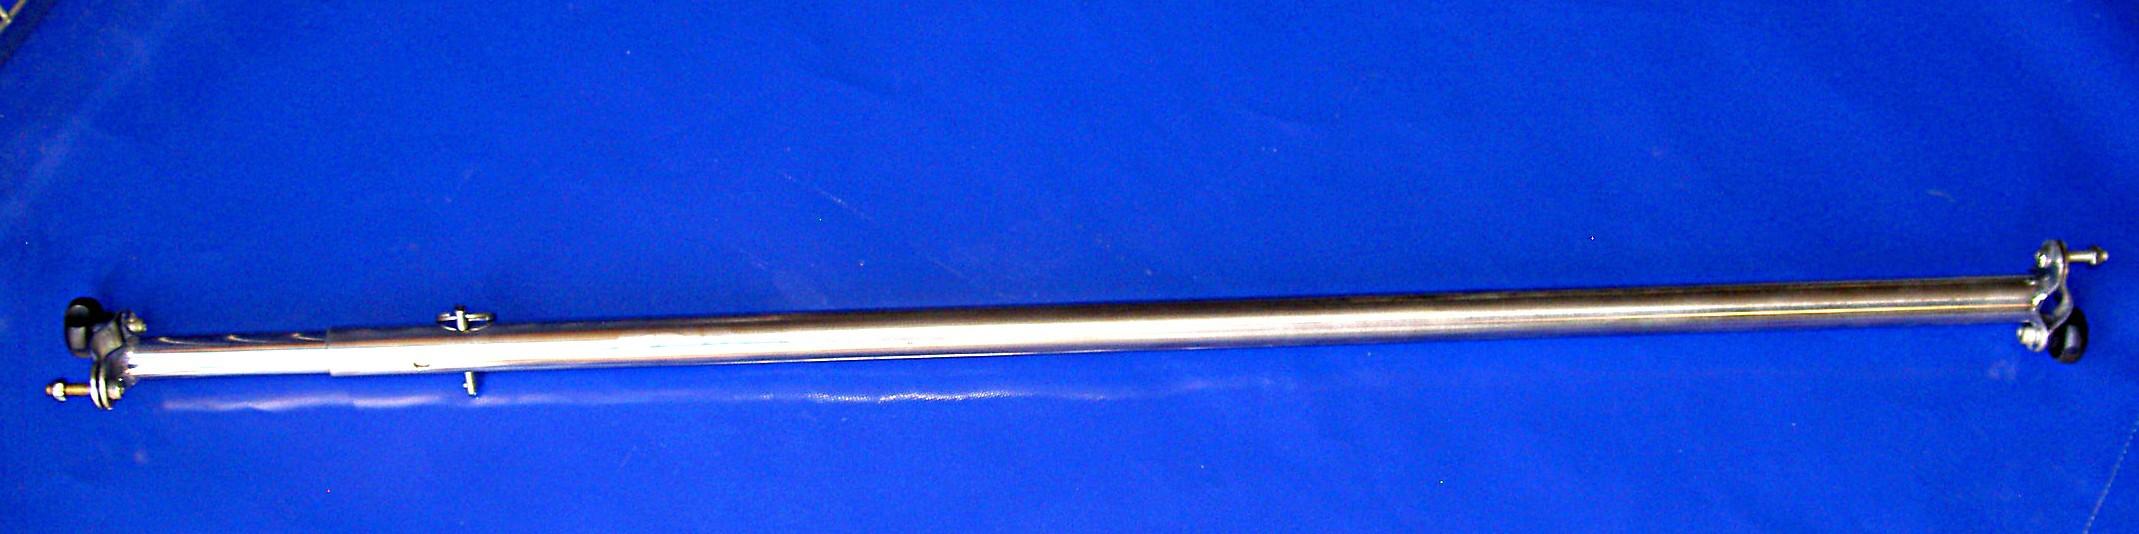 Teleskophalterung 1.30m für Möwenschutz Standard